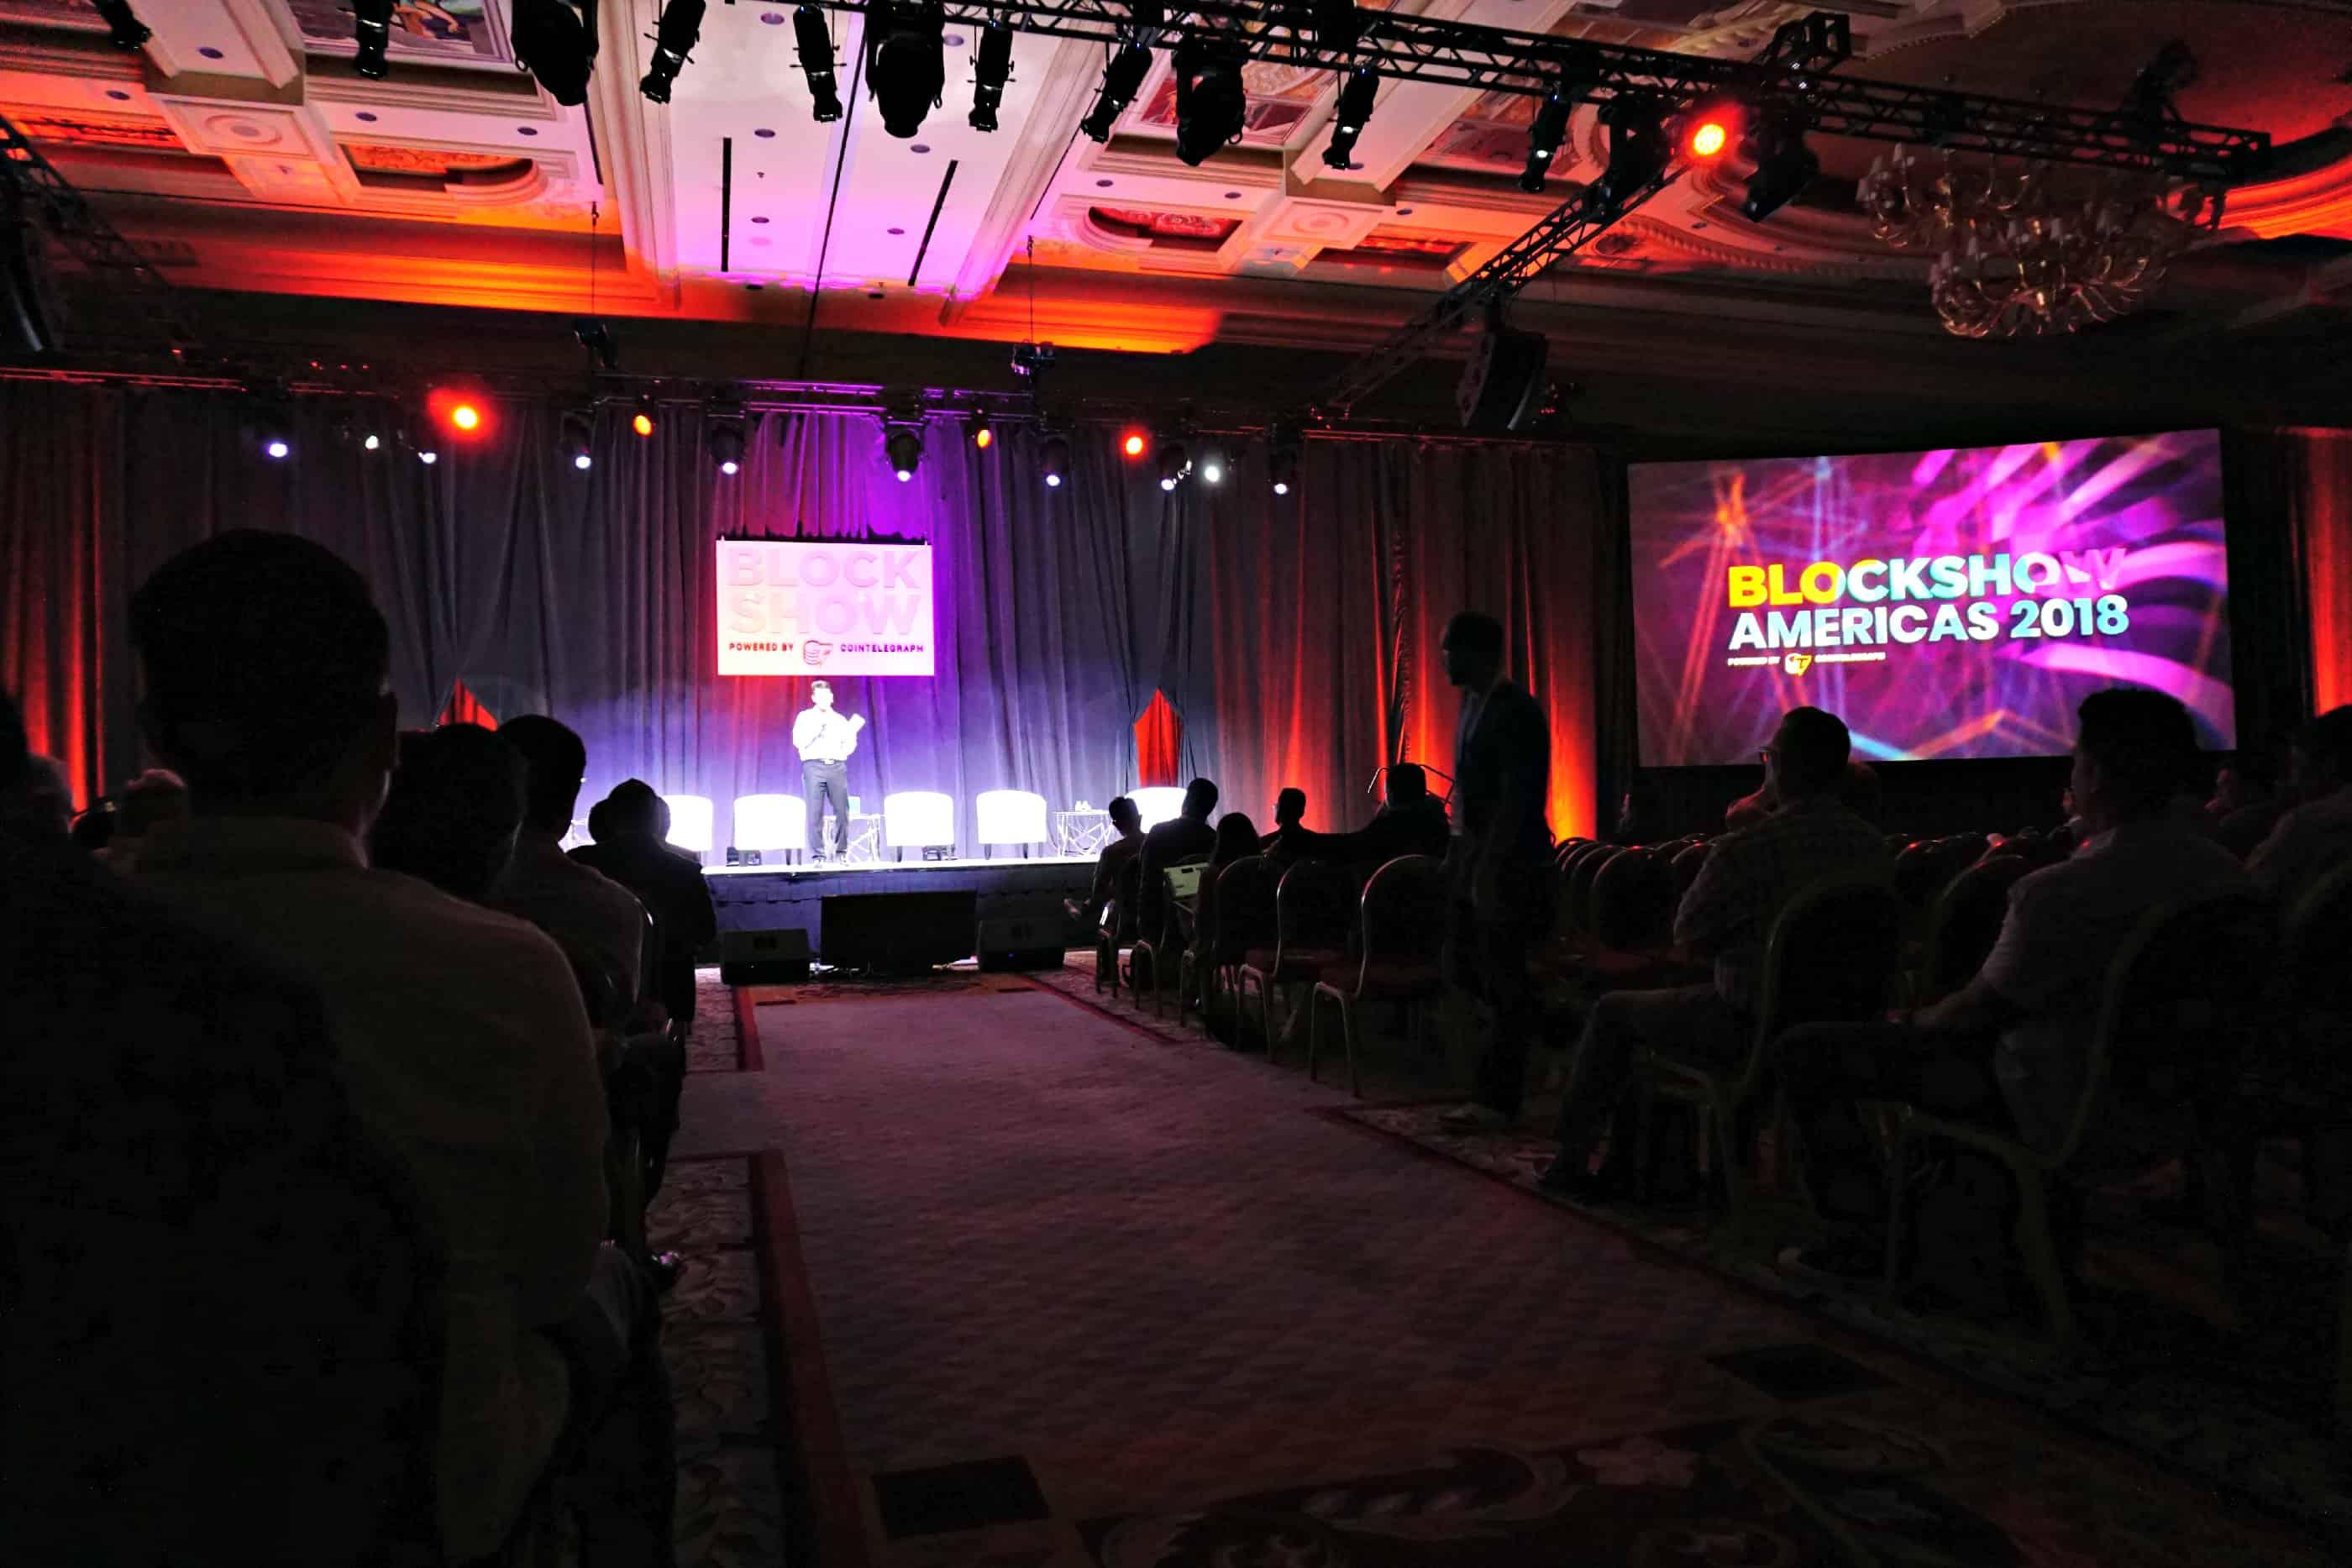 Especialistas Discutem Sobre Blockchain, Democracia e Liberdade do Dinheiro Durante o Evento BlockShow Americas